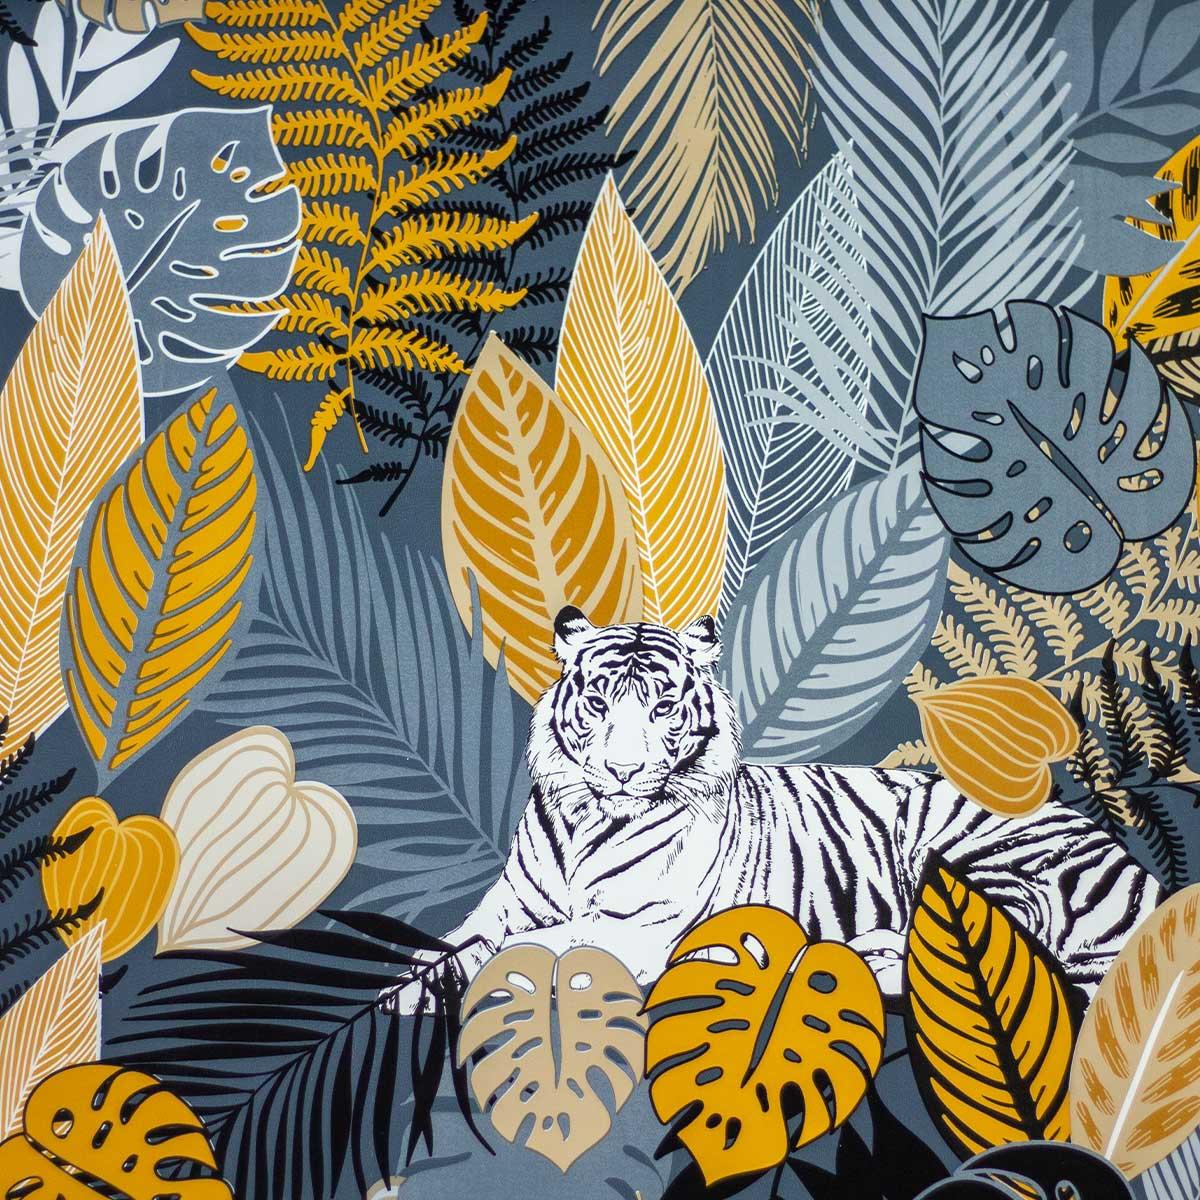 Tela Plastimesa Mantel PVC Estampado Tigre